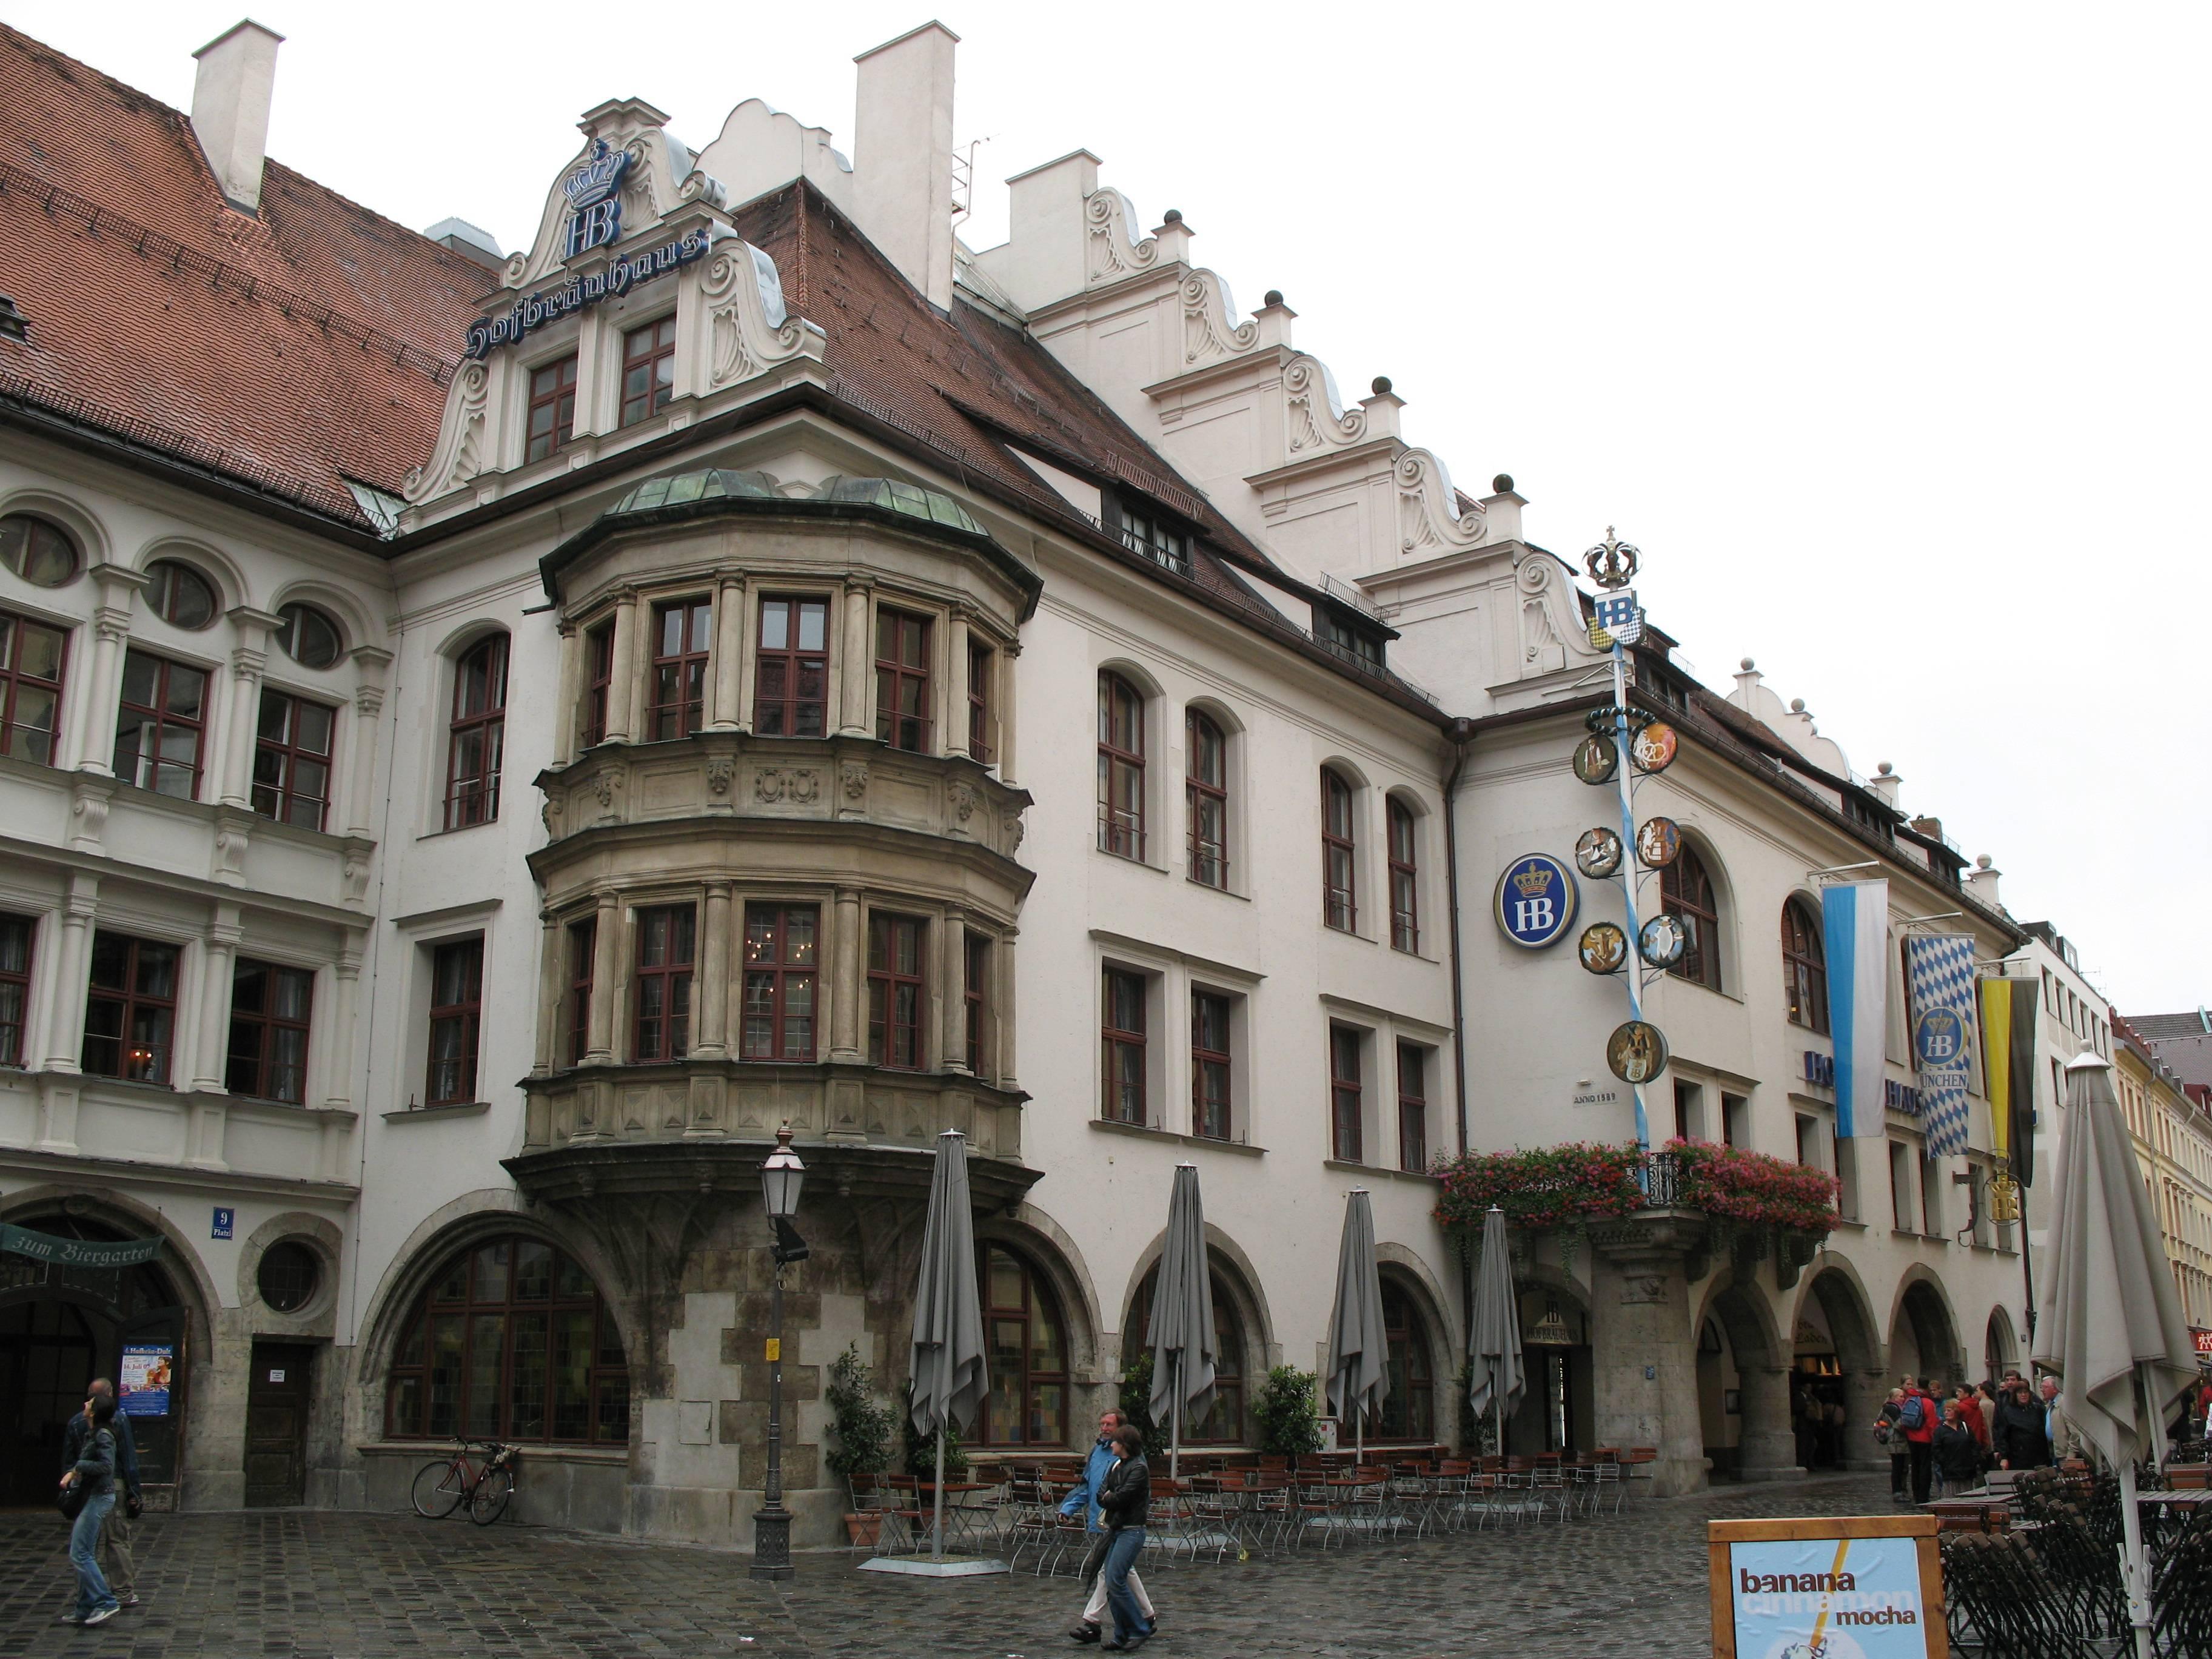 Лучшее пиво мира на beermonsters.ru » blog archive » пивоварня хофбройхаус (hofbräuhaus)